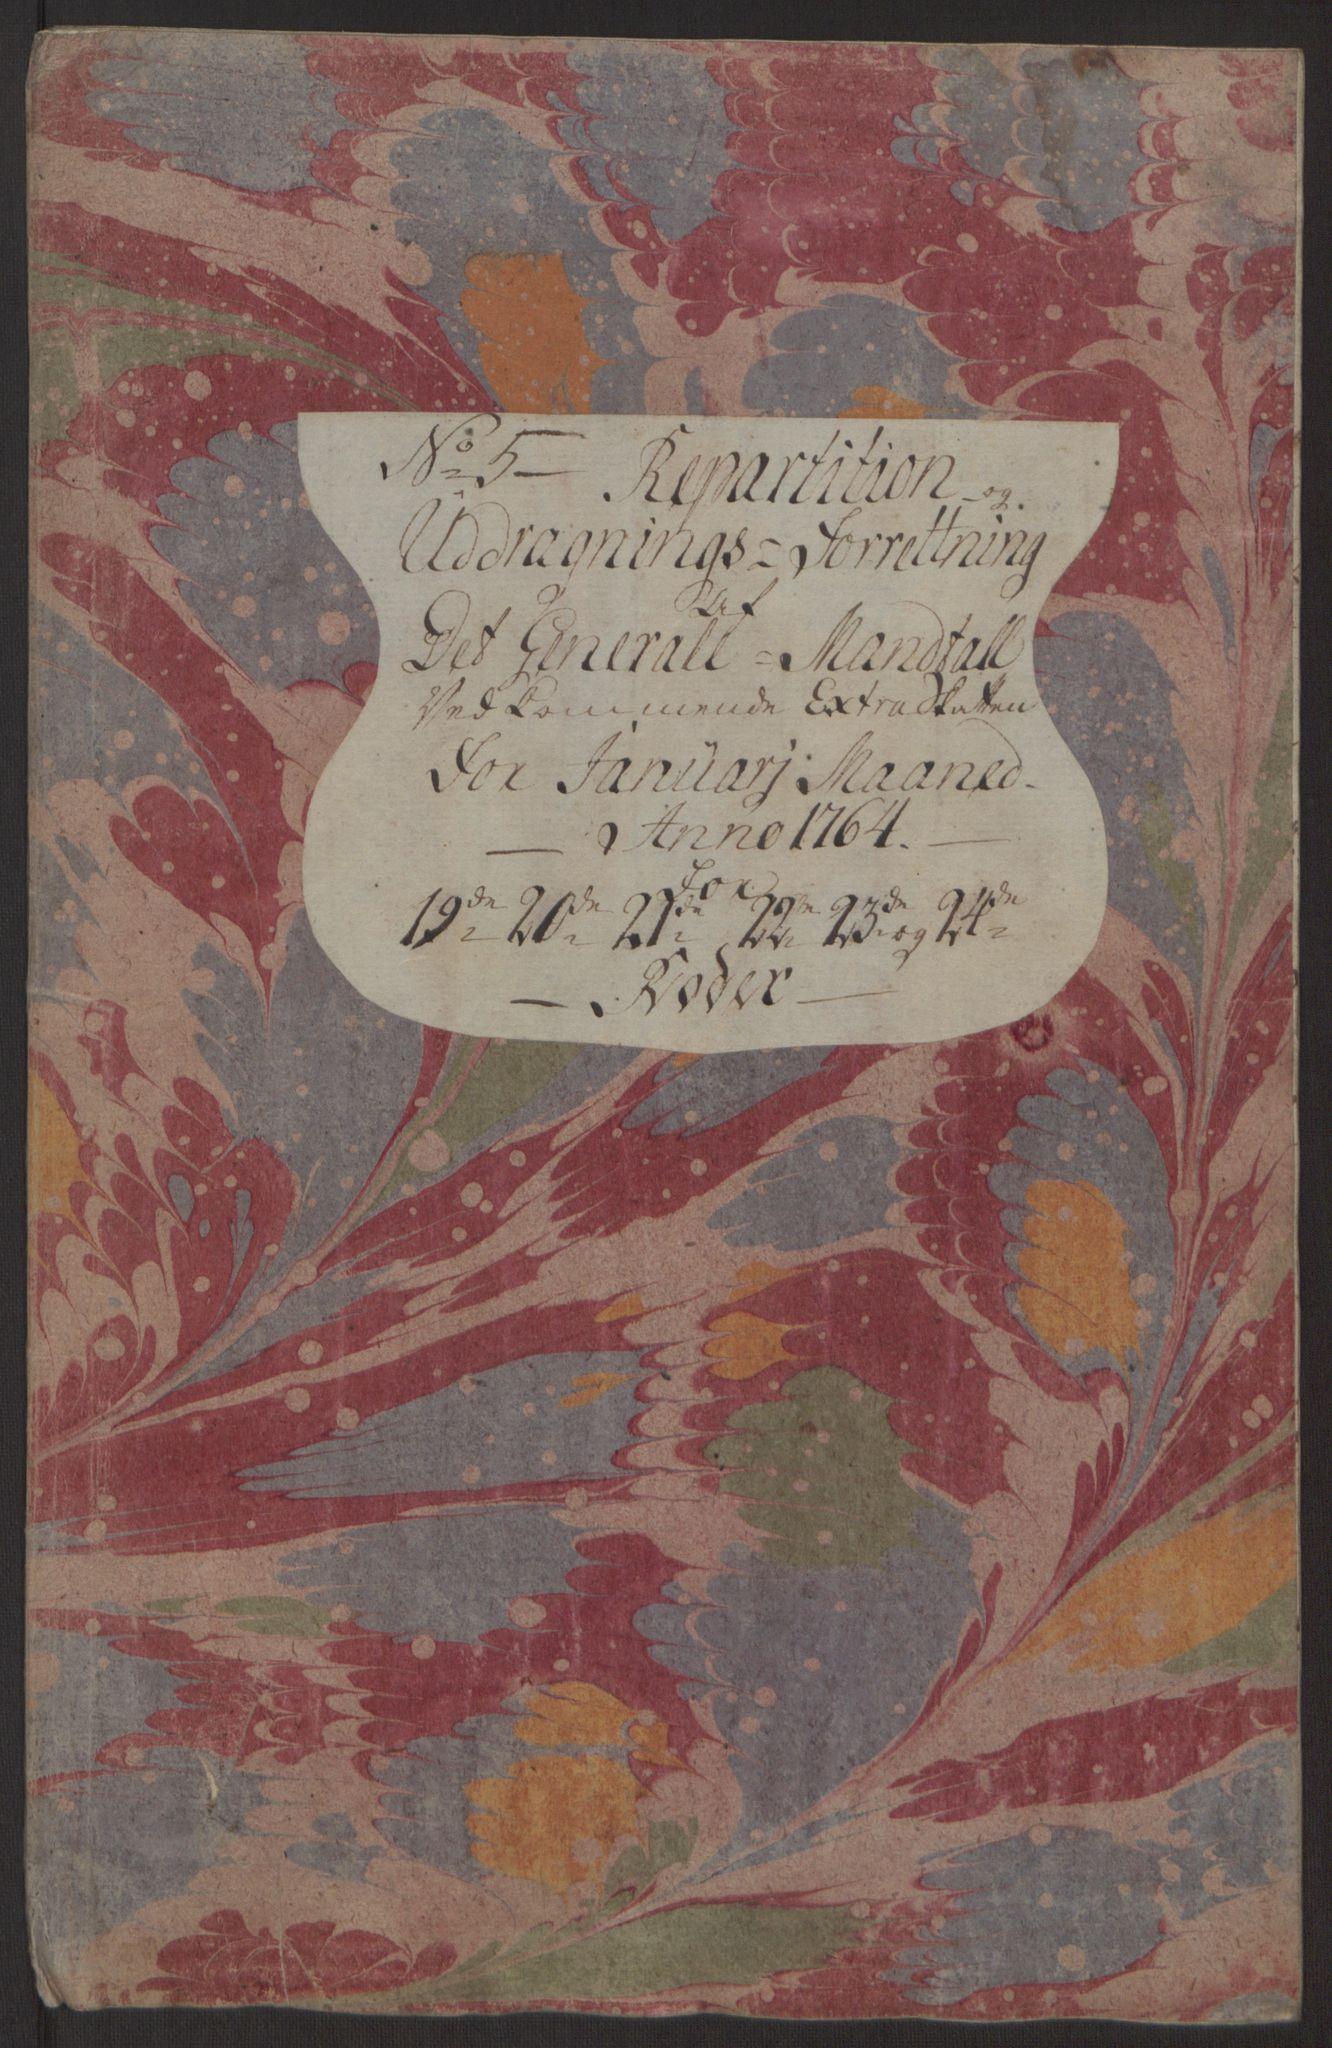 RA, Rentekammeret inntil 1814, Reviderte regnskaper, Byregnskaper, R/Rp/L0368: [P21] Kontribusjonsregnskap, 1764, s. 188